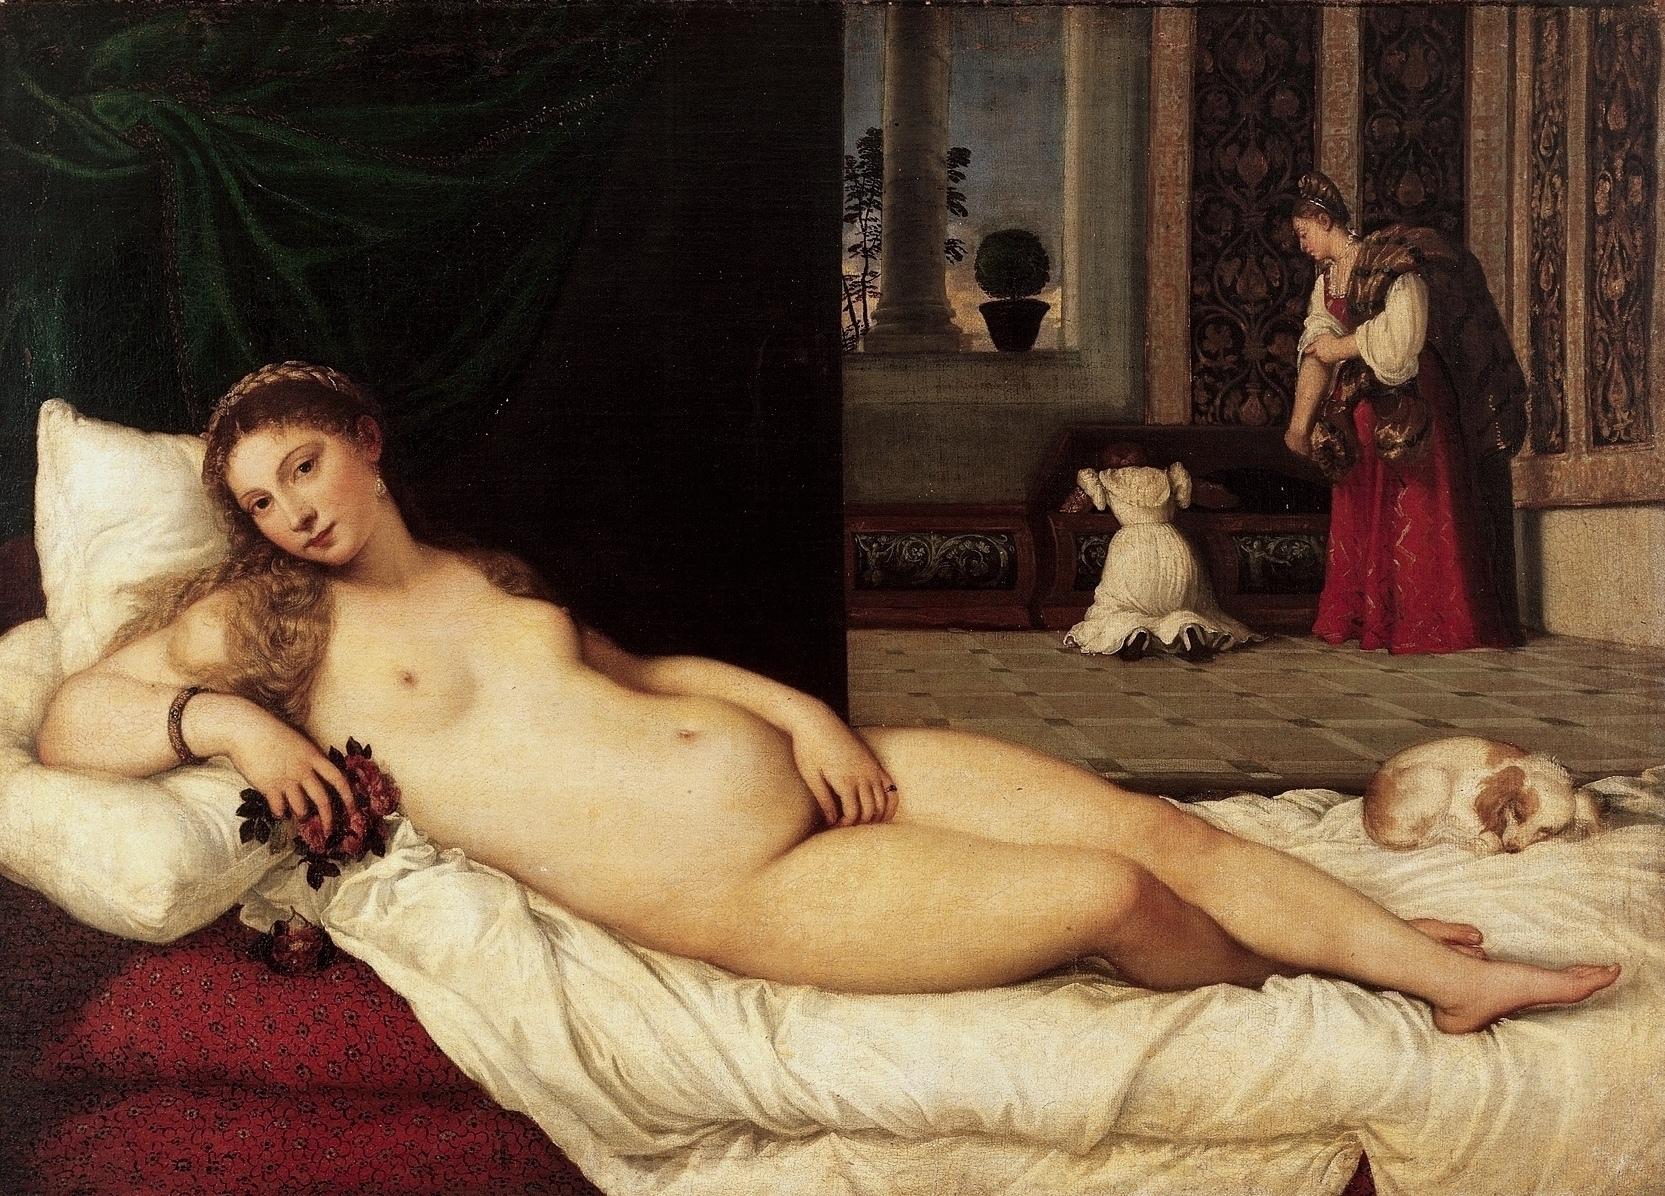 Venere di Urbino (Venus of Urbino by Tiziano)